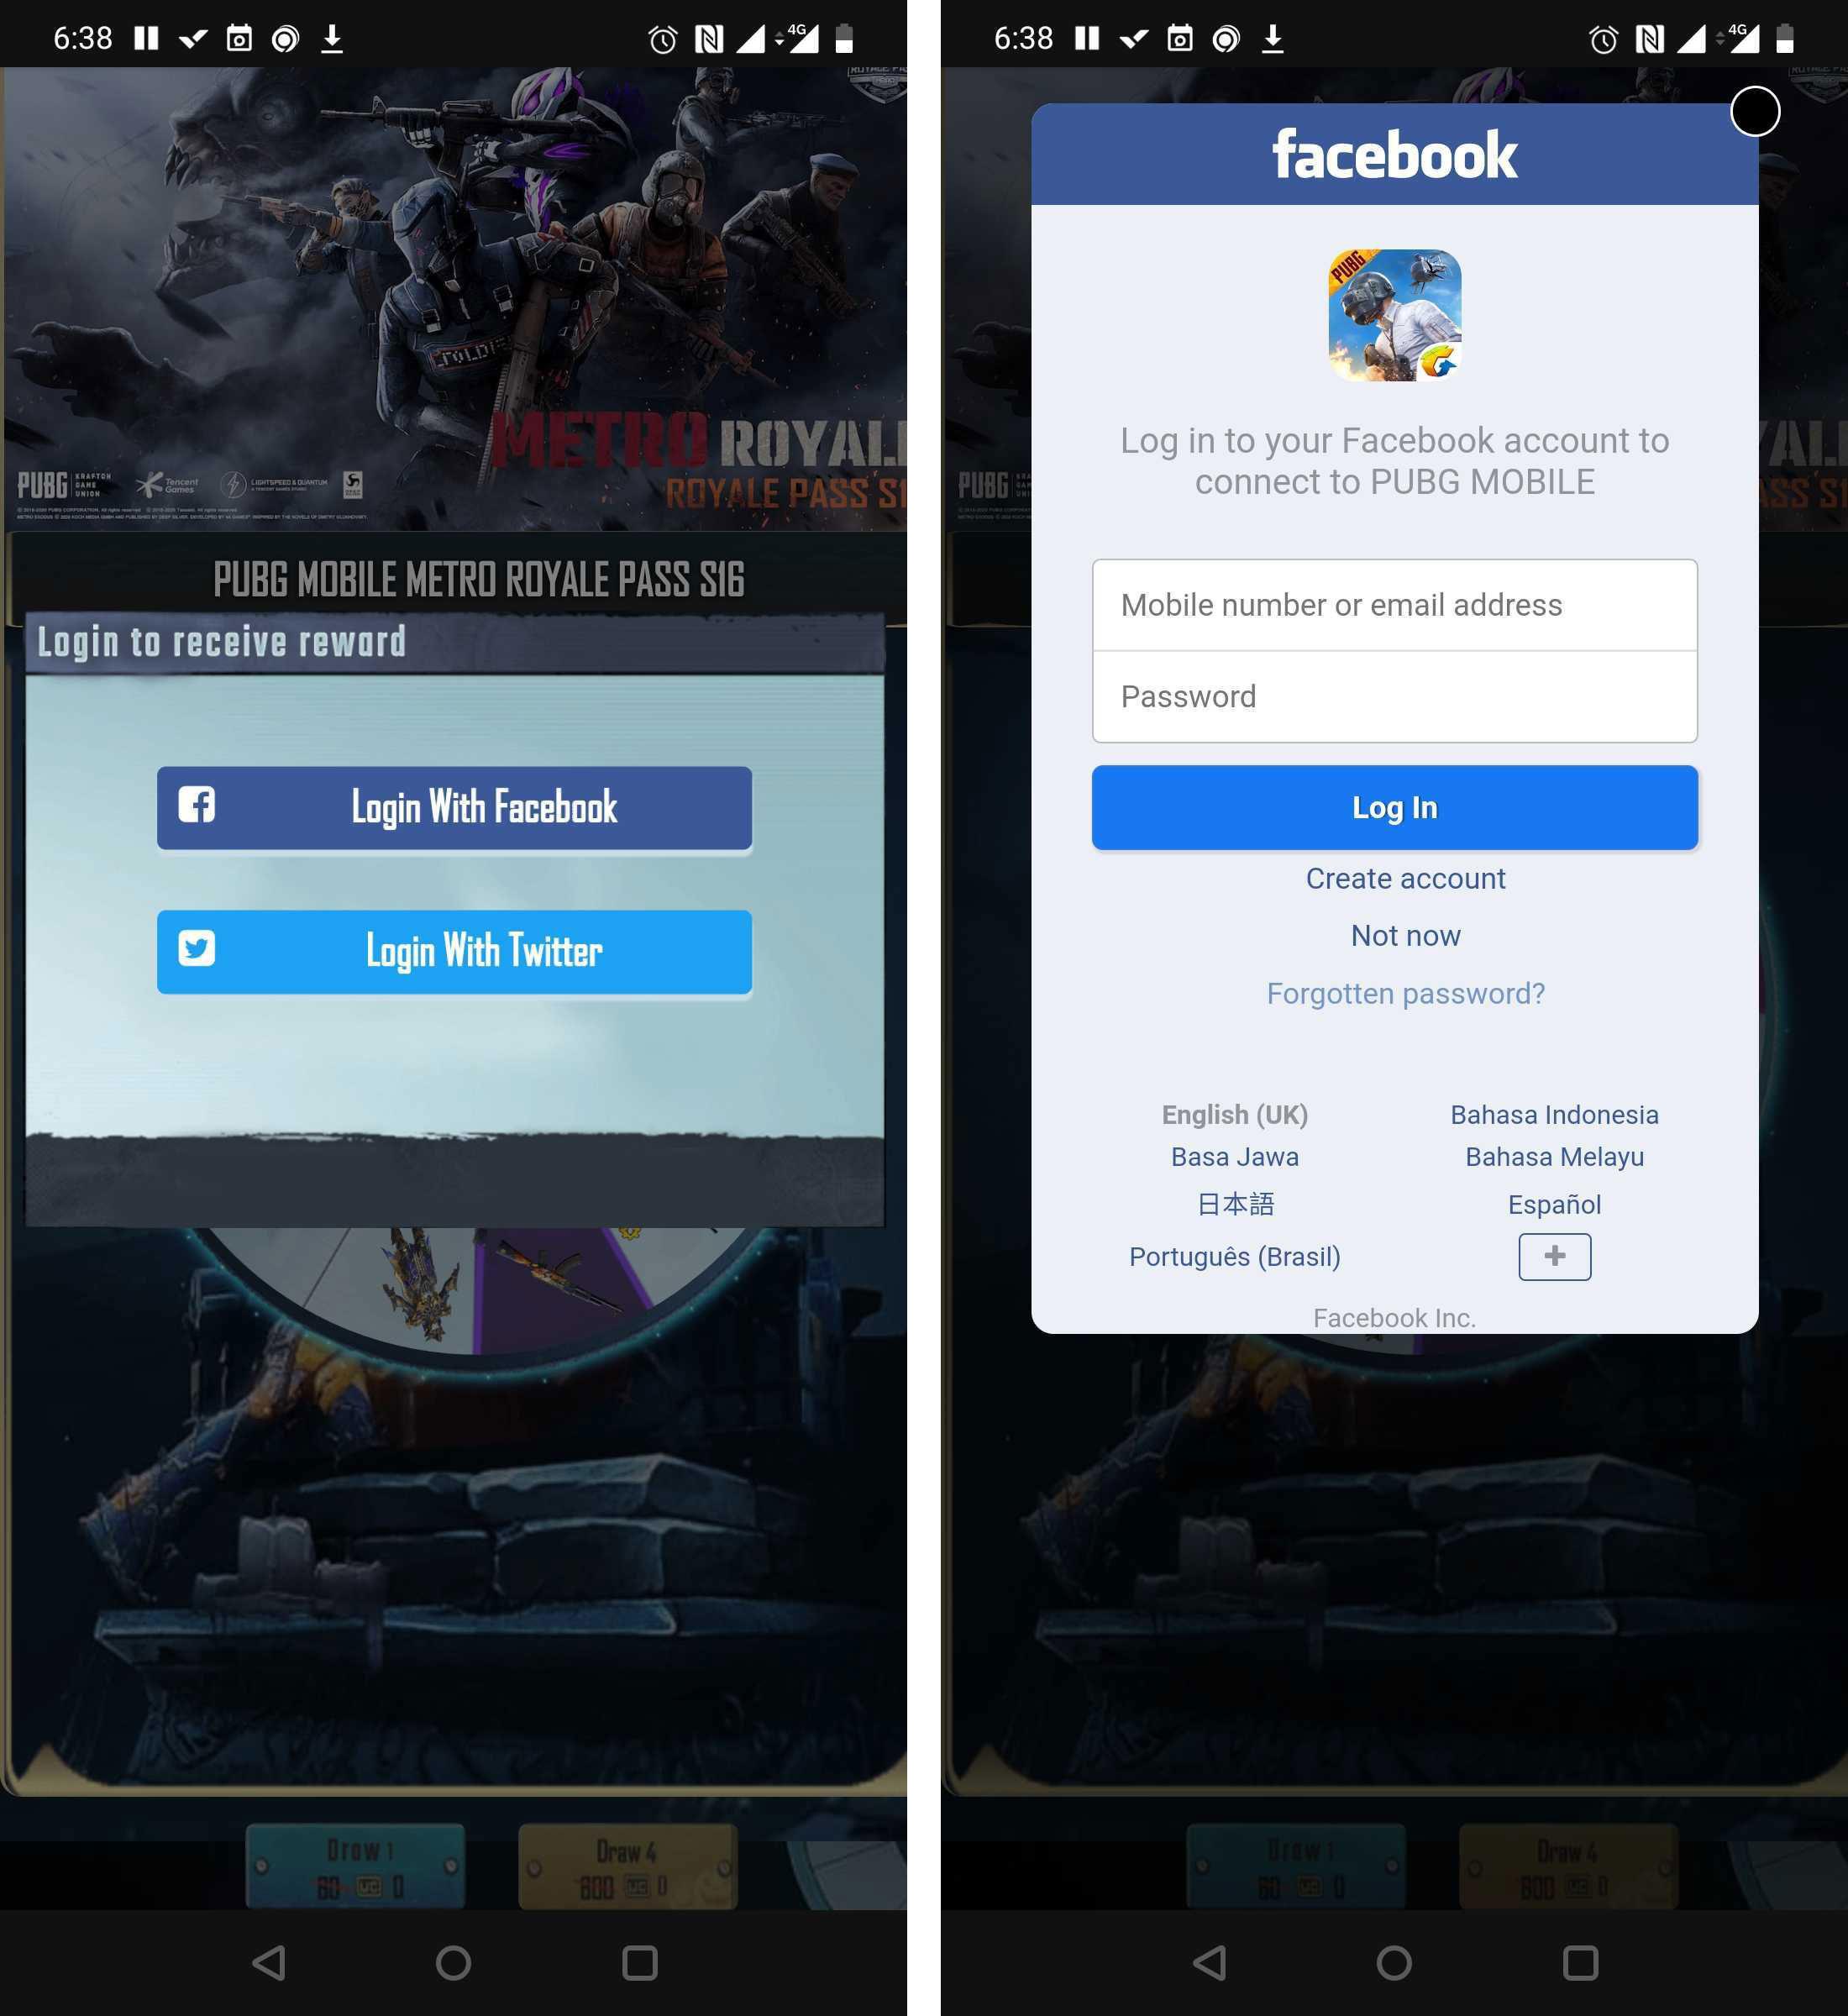 Páginas de phishing com login do Twitter ou Facebook— uma opção familiar para os jogadores de PUBG Mobile